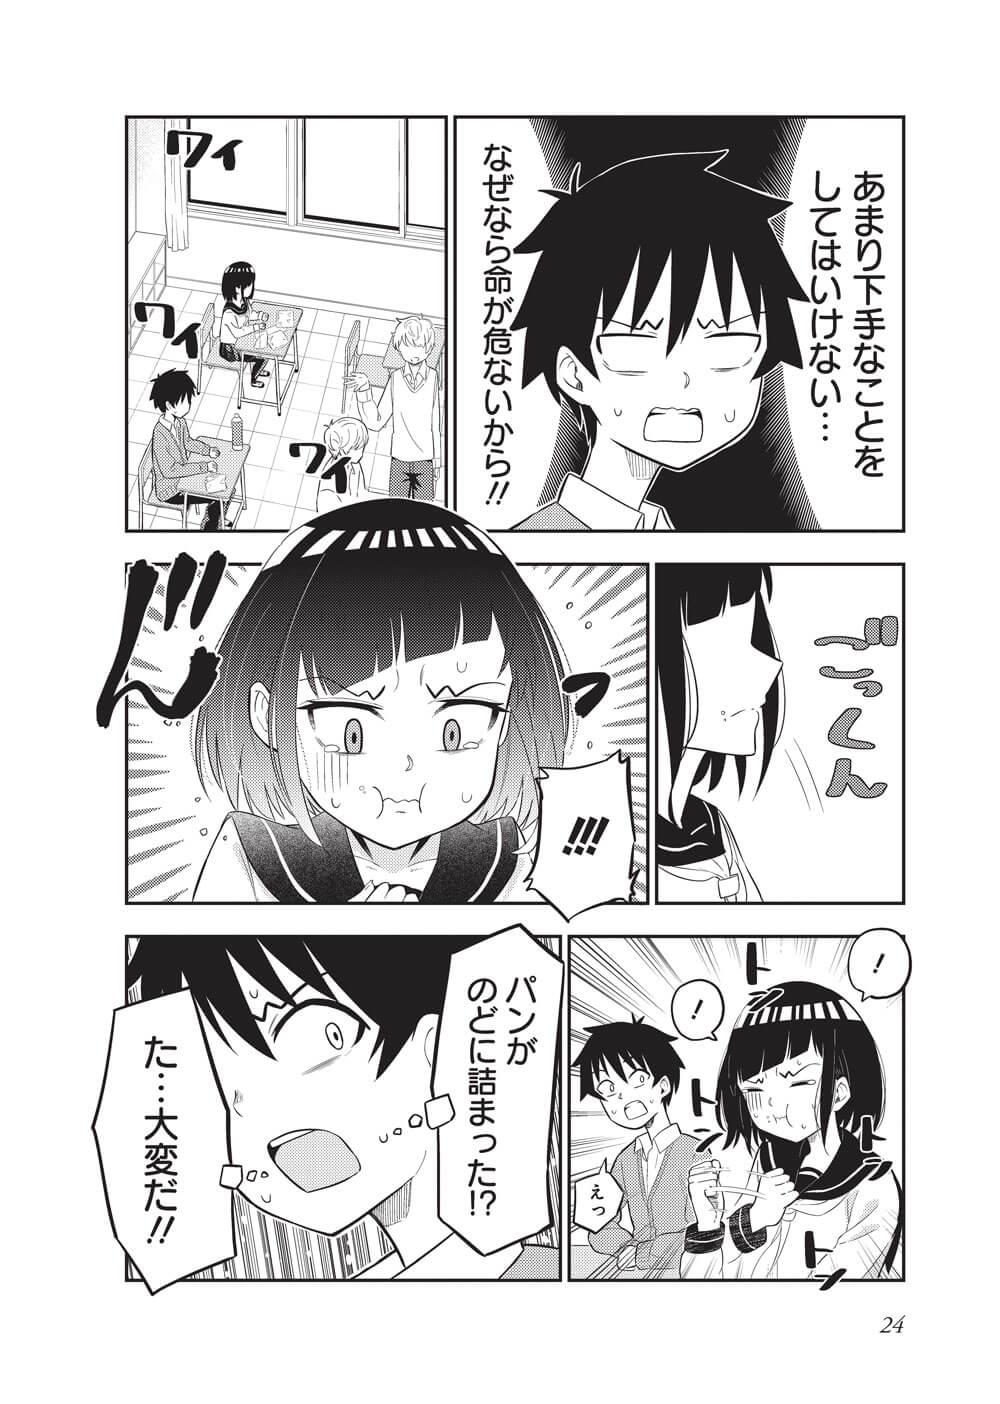 クラスメイトの田中さんはすごく怖い-3-2